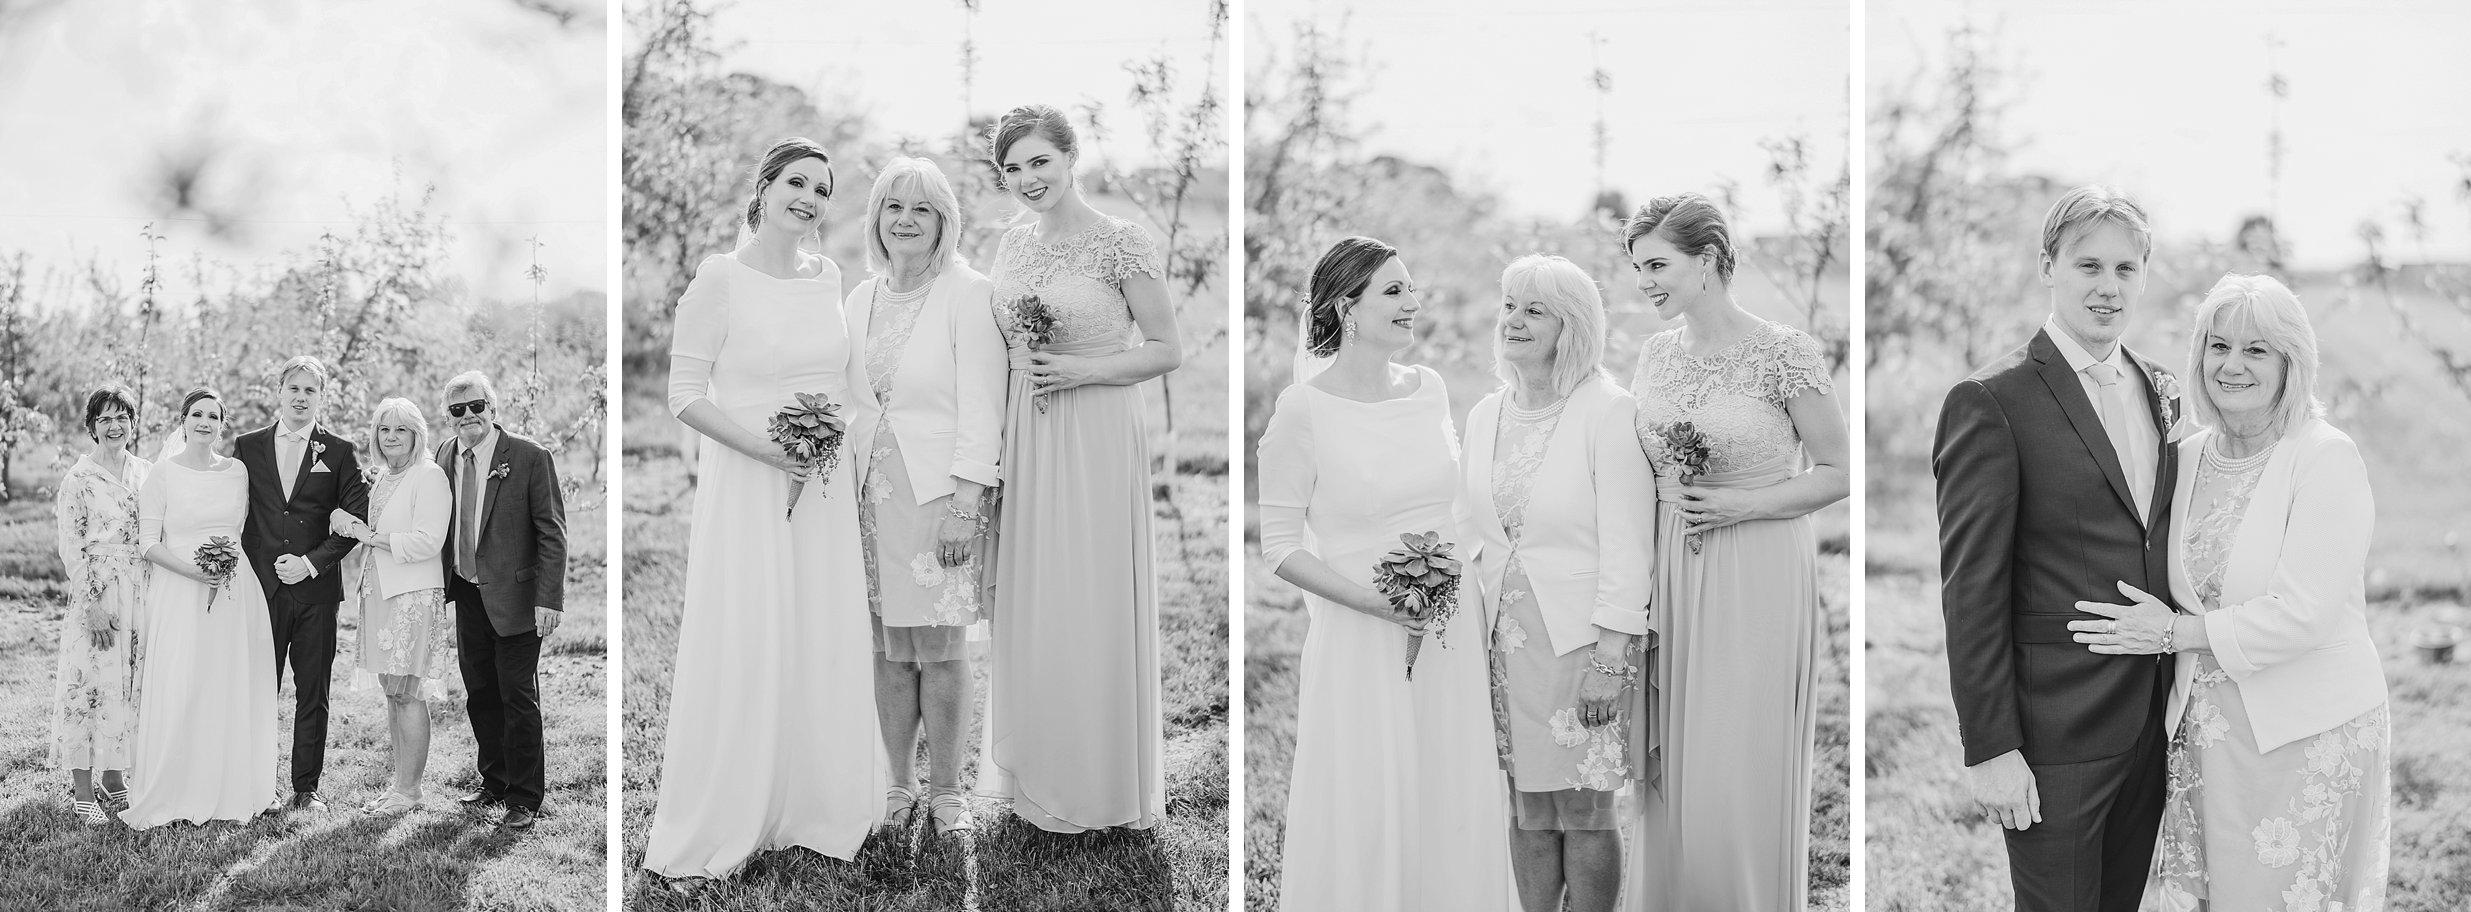 Hillcrest Farm Wedding Ohio_0029.jpg